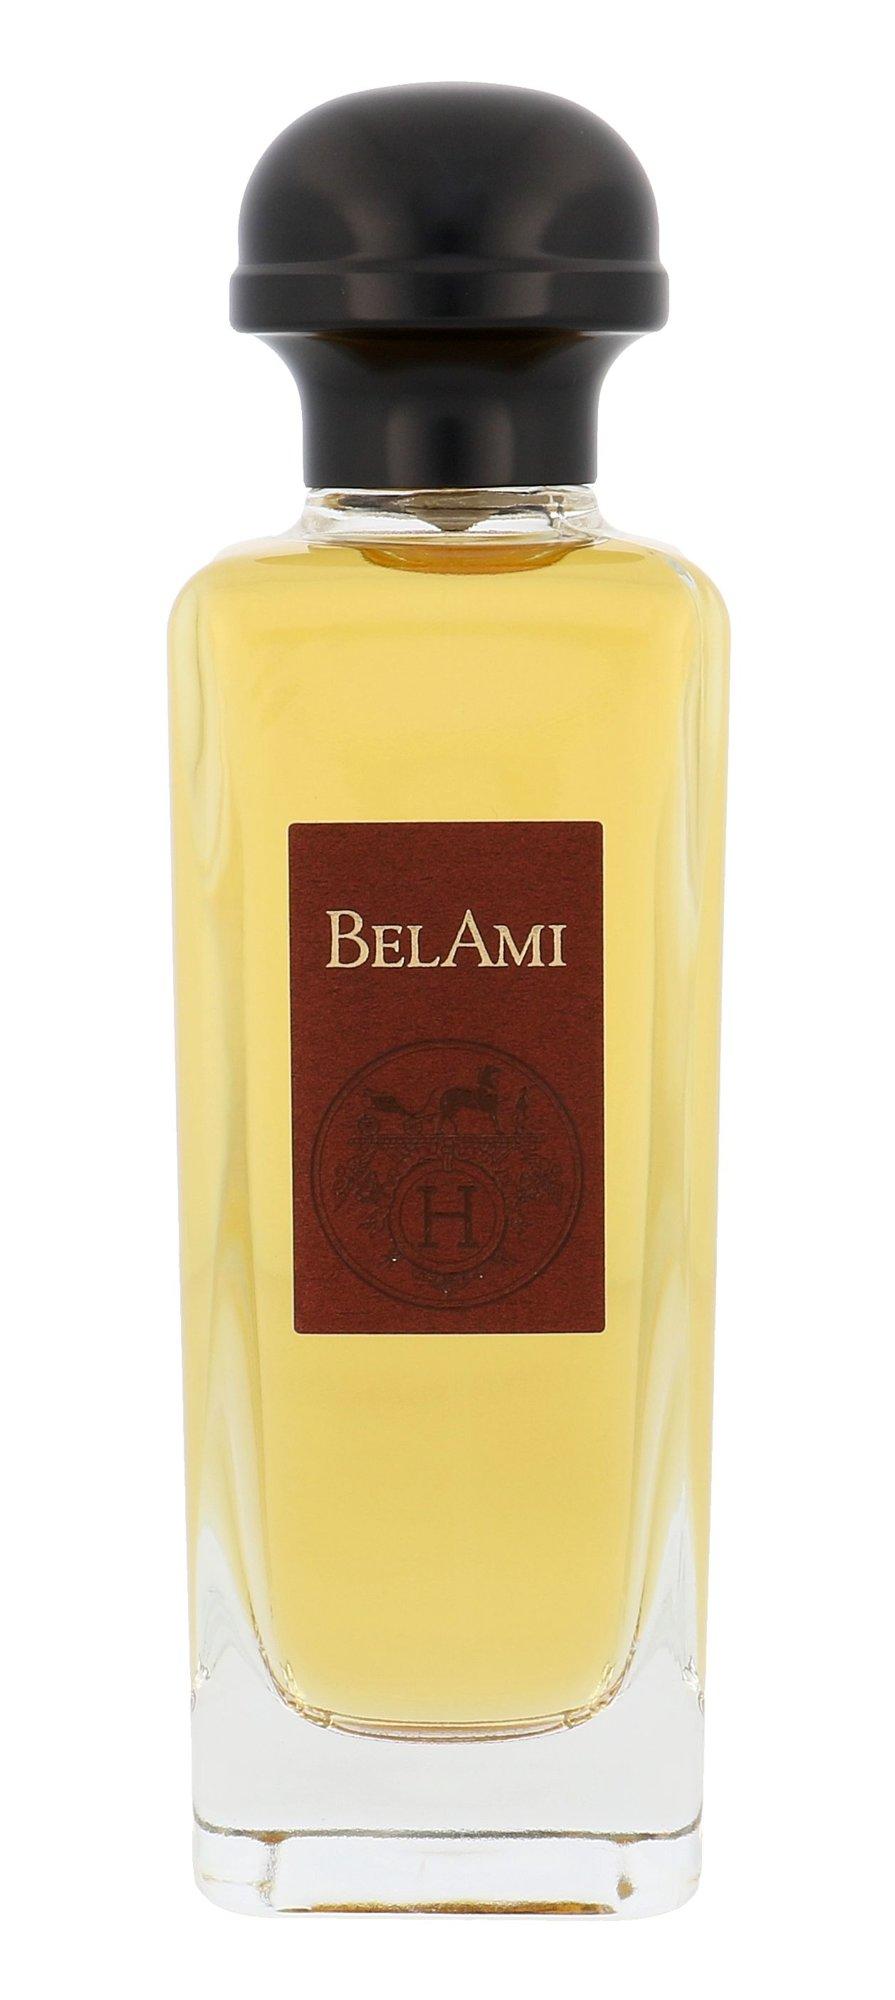 Hermes Bel Ami EDT 100ml